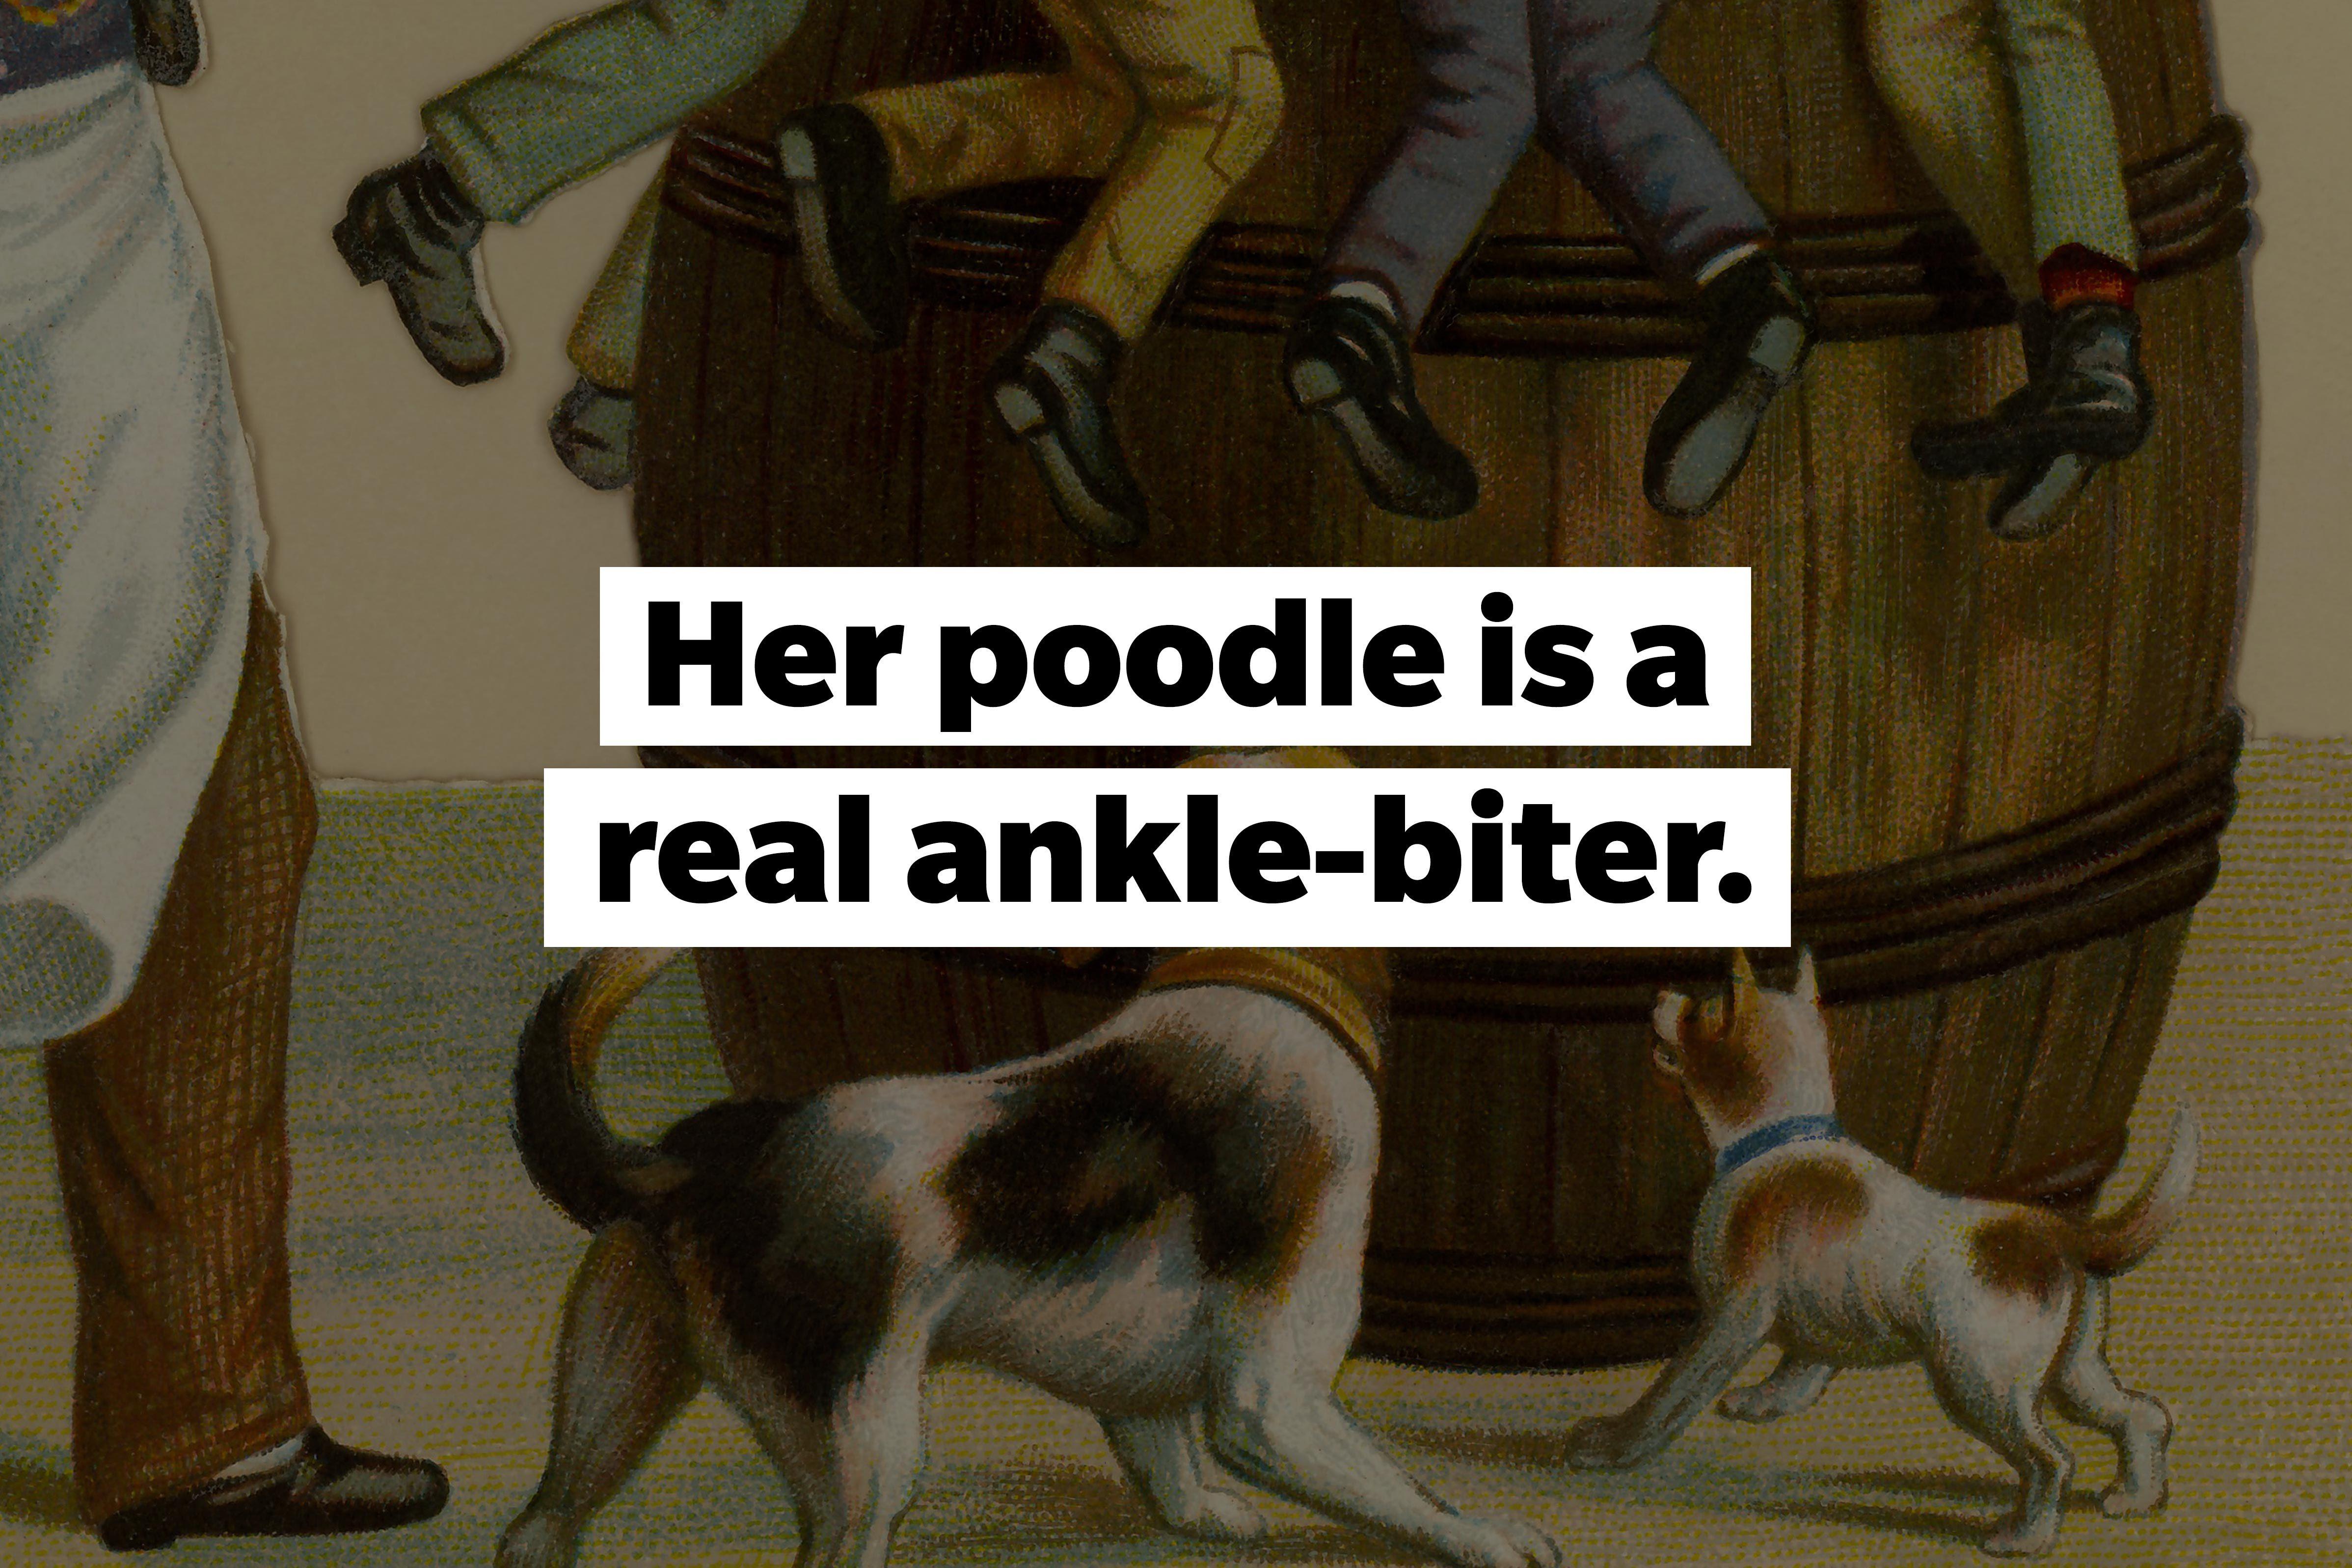 slang words Ankle-biter